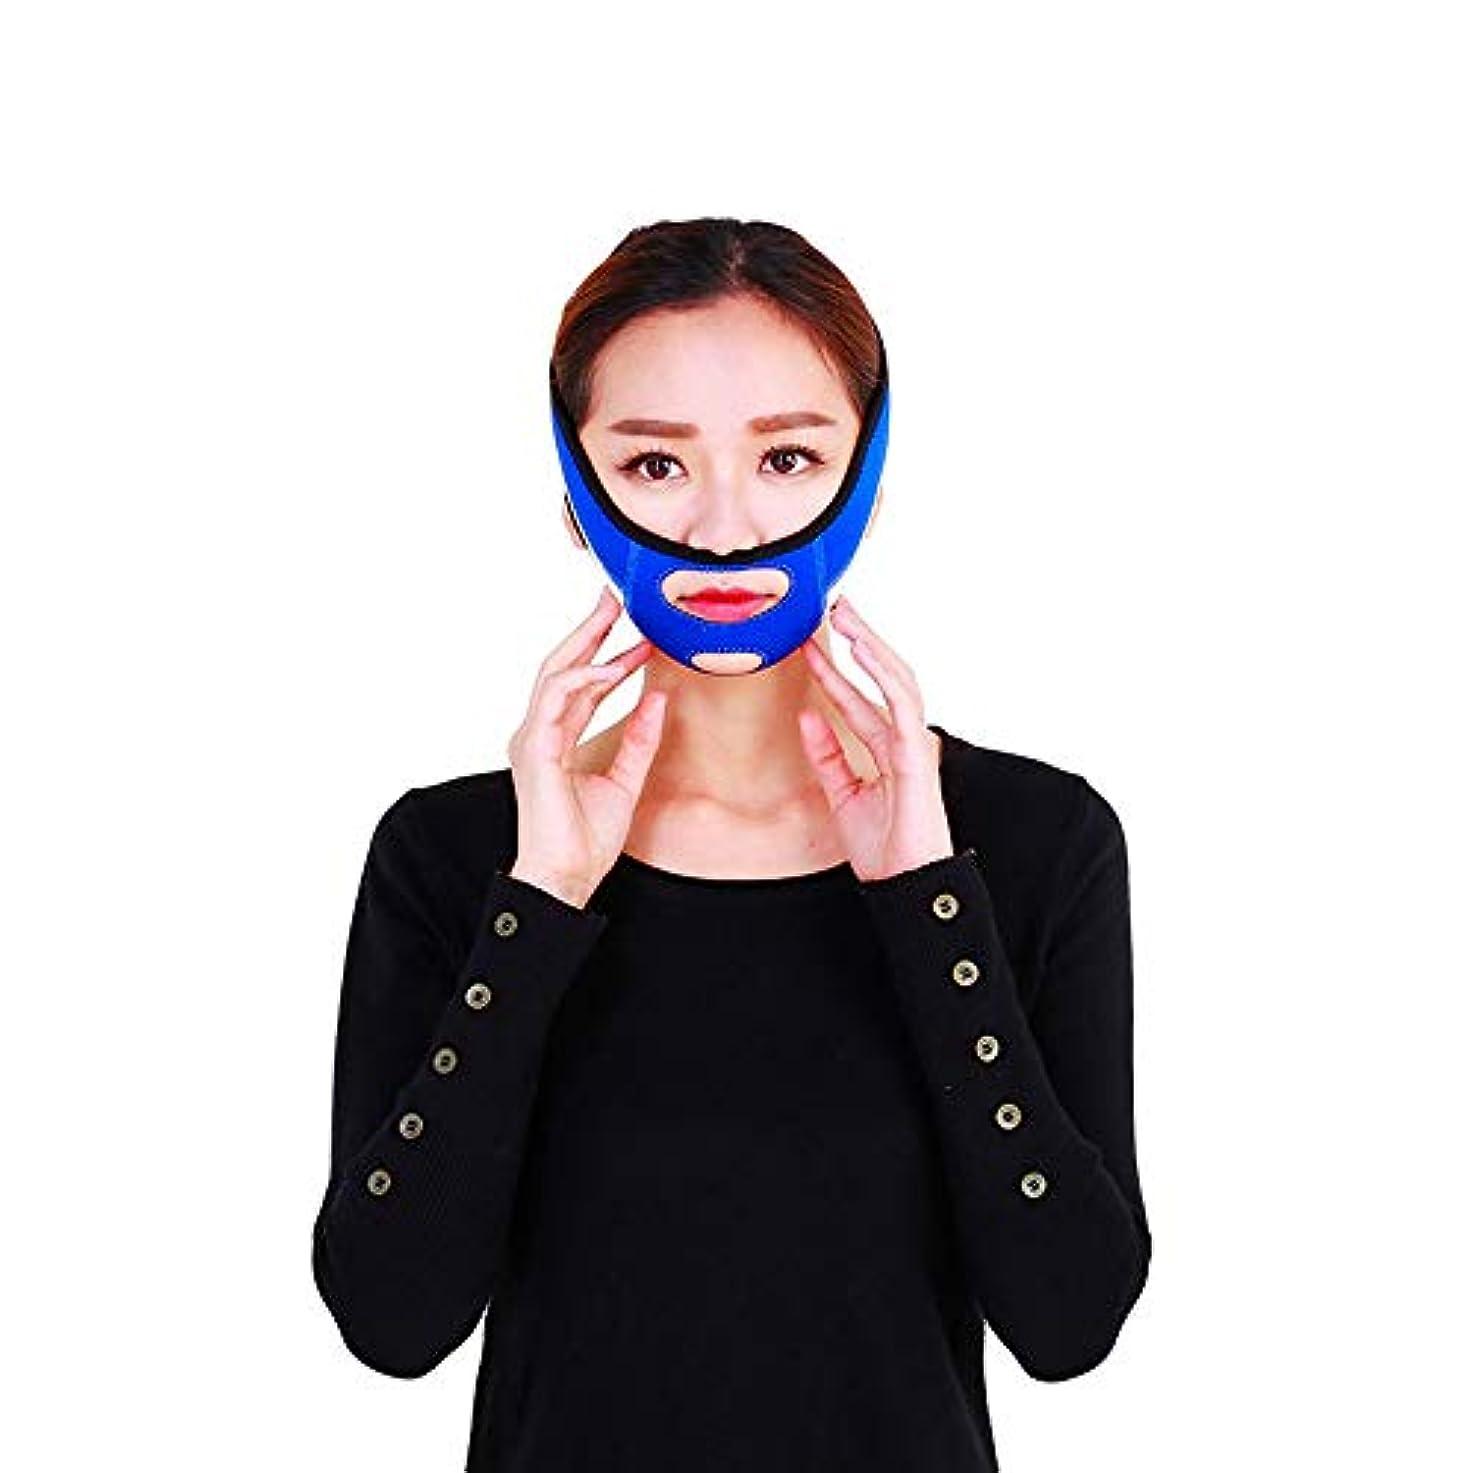 浴保安柔和フェイシャルリフティング痩身ベルトフェーススリム二重あごを取り除くアンチエイジングリンクルフェイス包帯マスク整形マスクが顔を引き締める